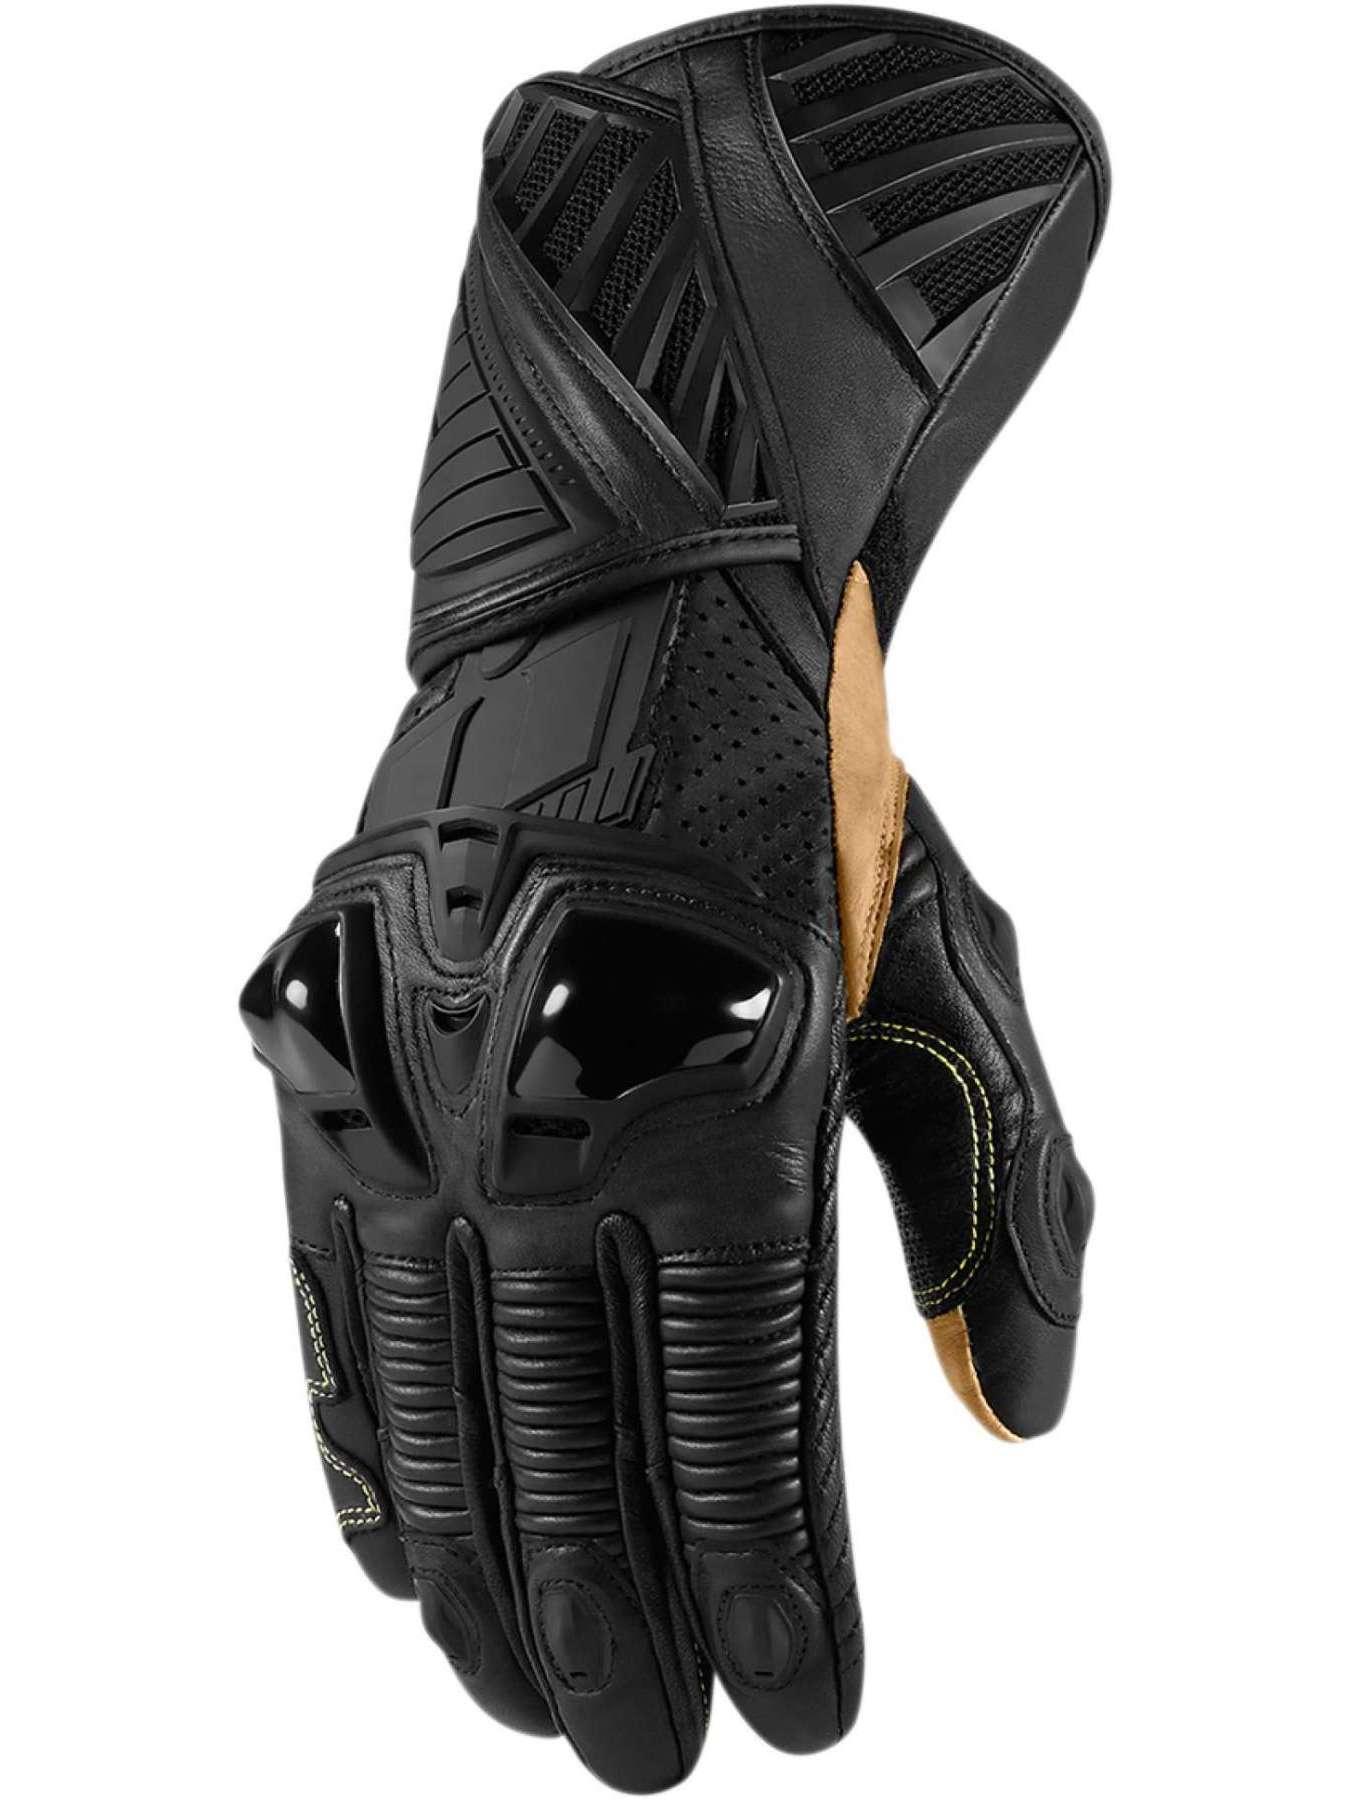 Icon Hypersport Pro мотоперчатки черные длинные|Перчатки| | АлиЭкспресс